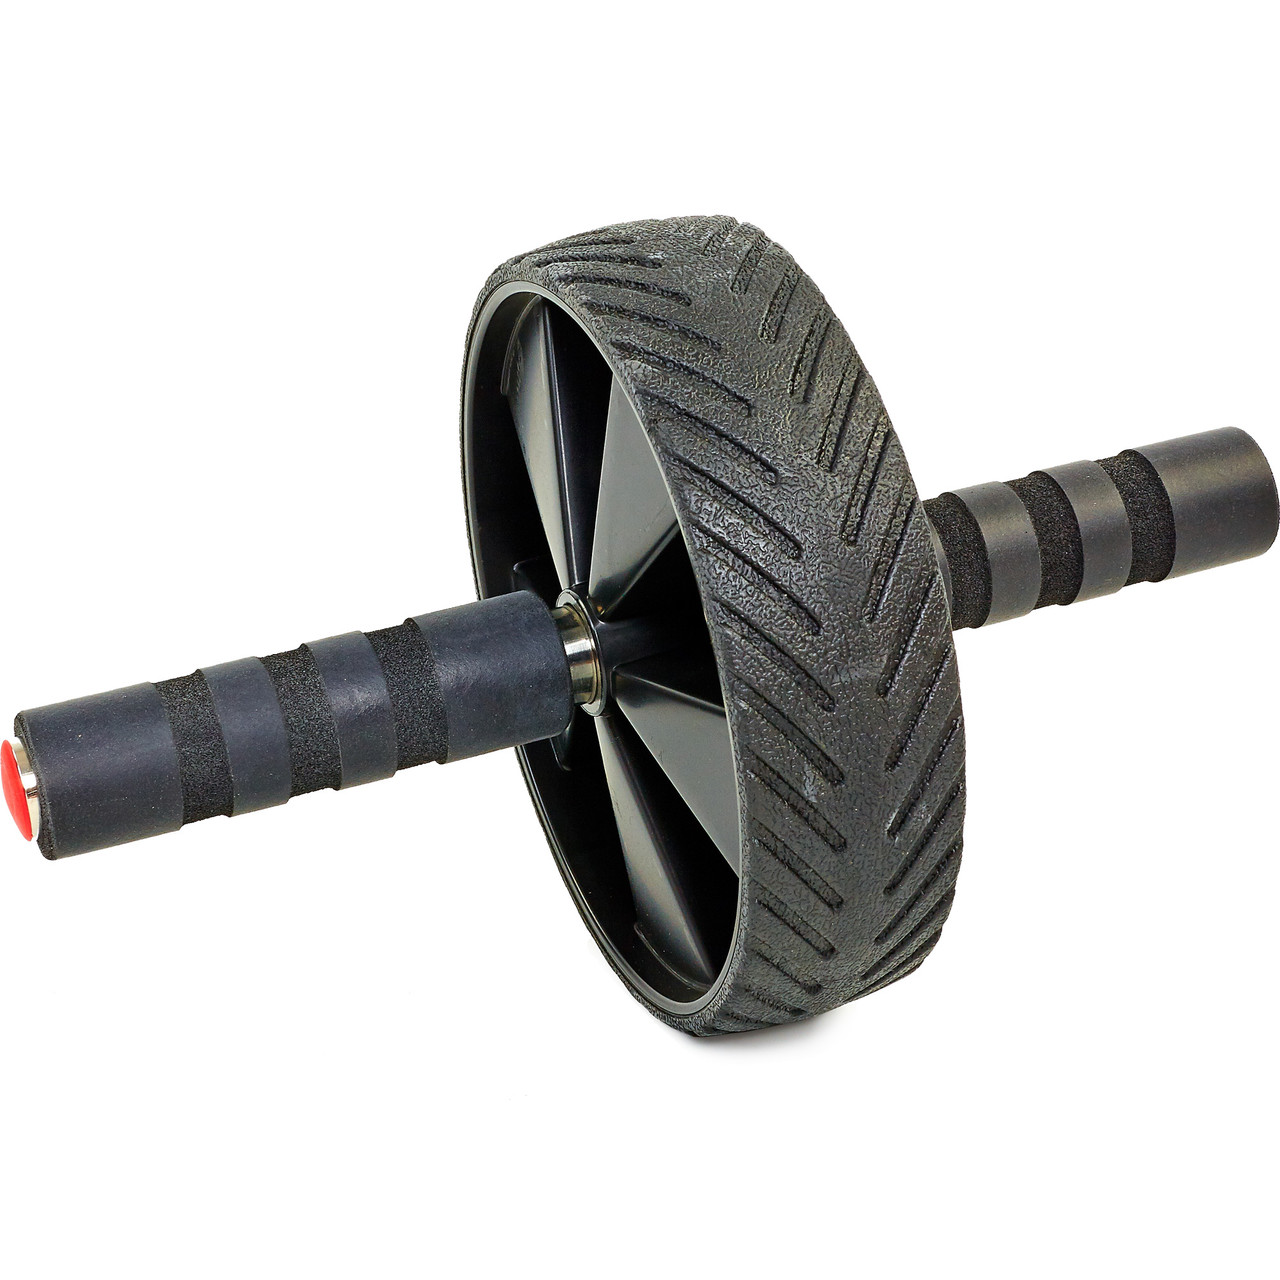 Колесо для пресса (ролик для пресса) одинарное Record FI-4243 (d-19см, металл, пластик, ручка-неопрен, черный)